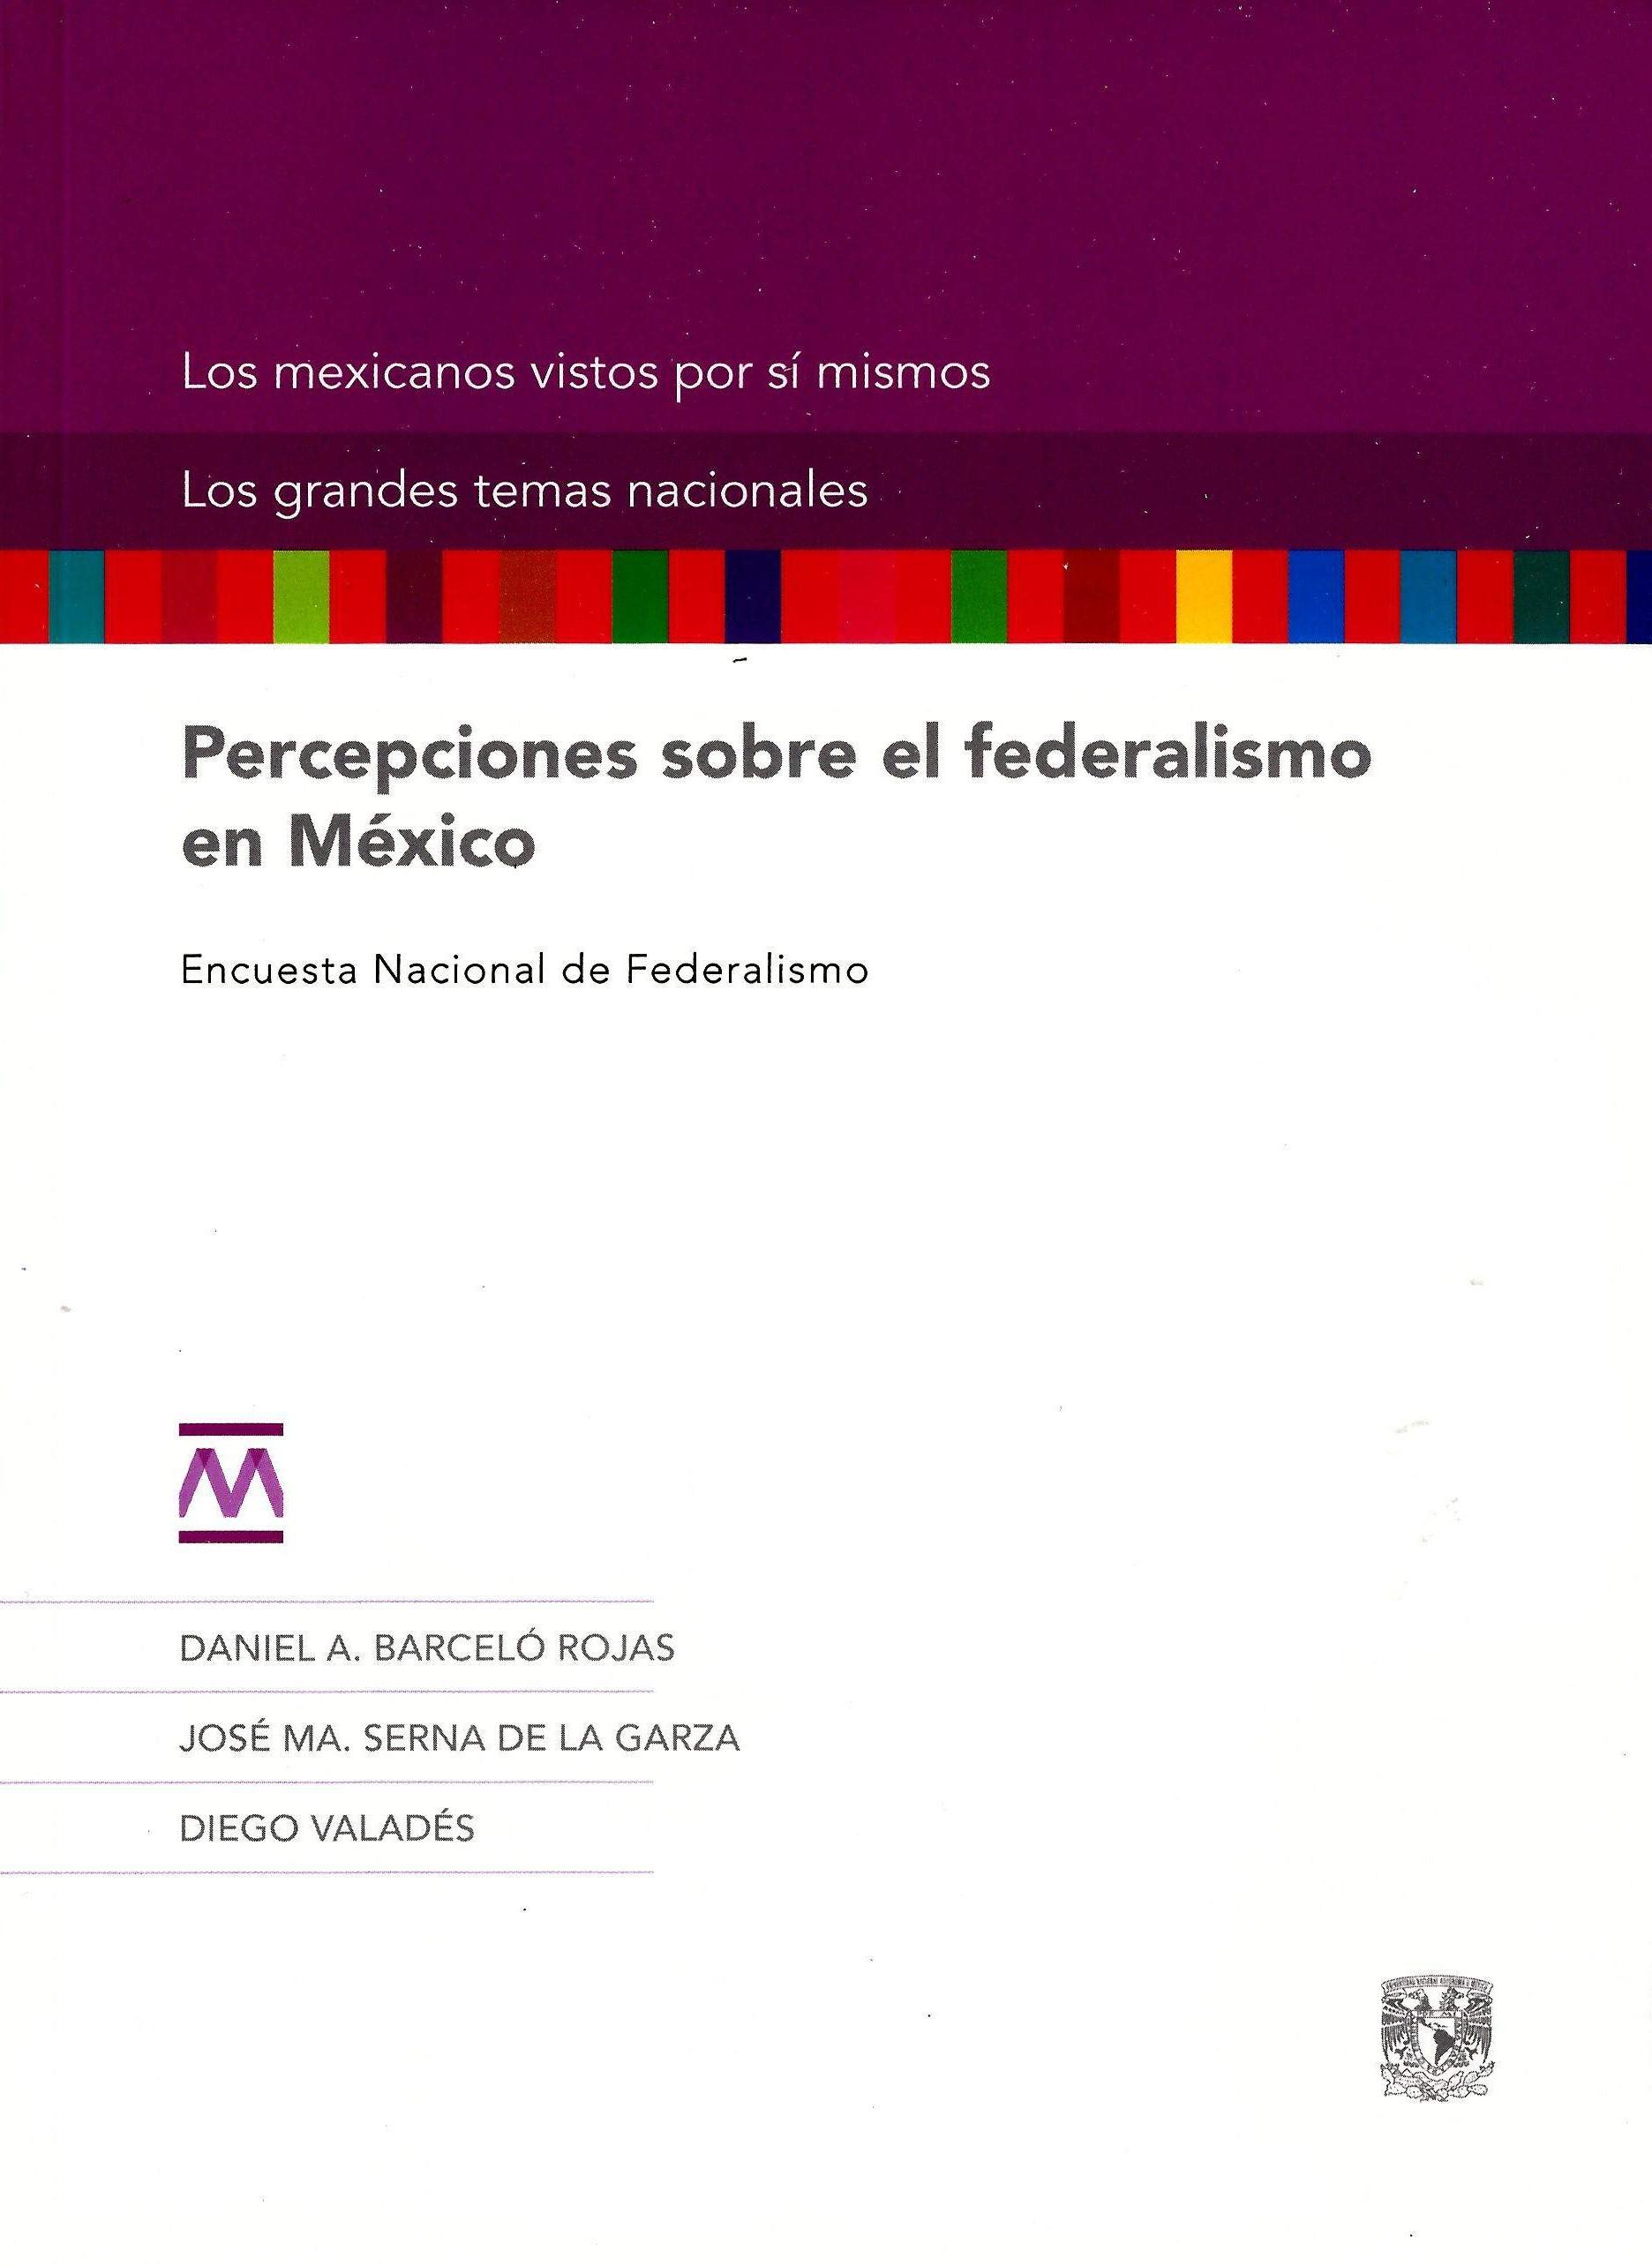 Percepciones sobre el federalismo en México. Encuesta Nacional de Federalismo rust